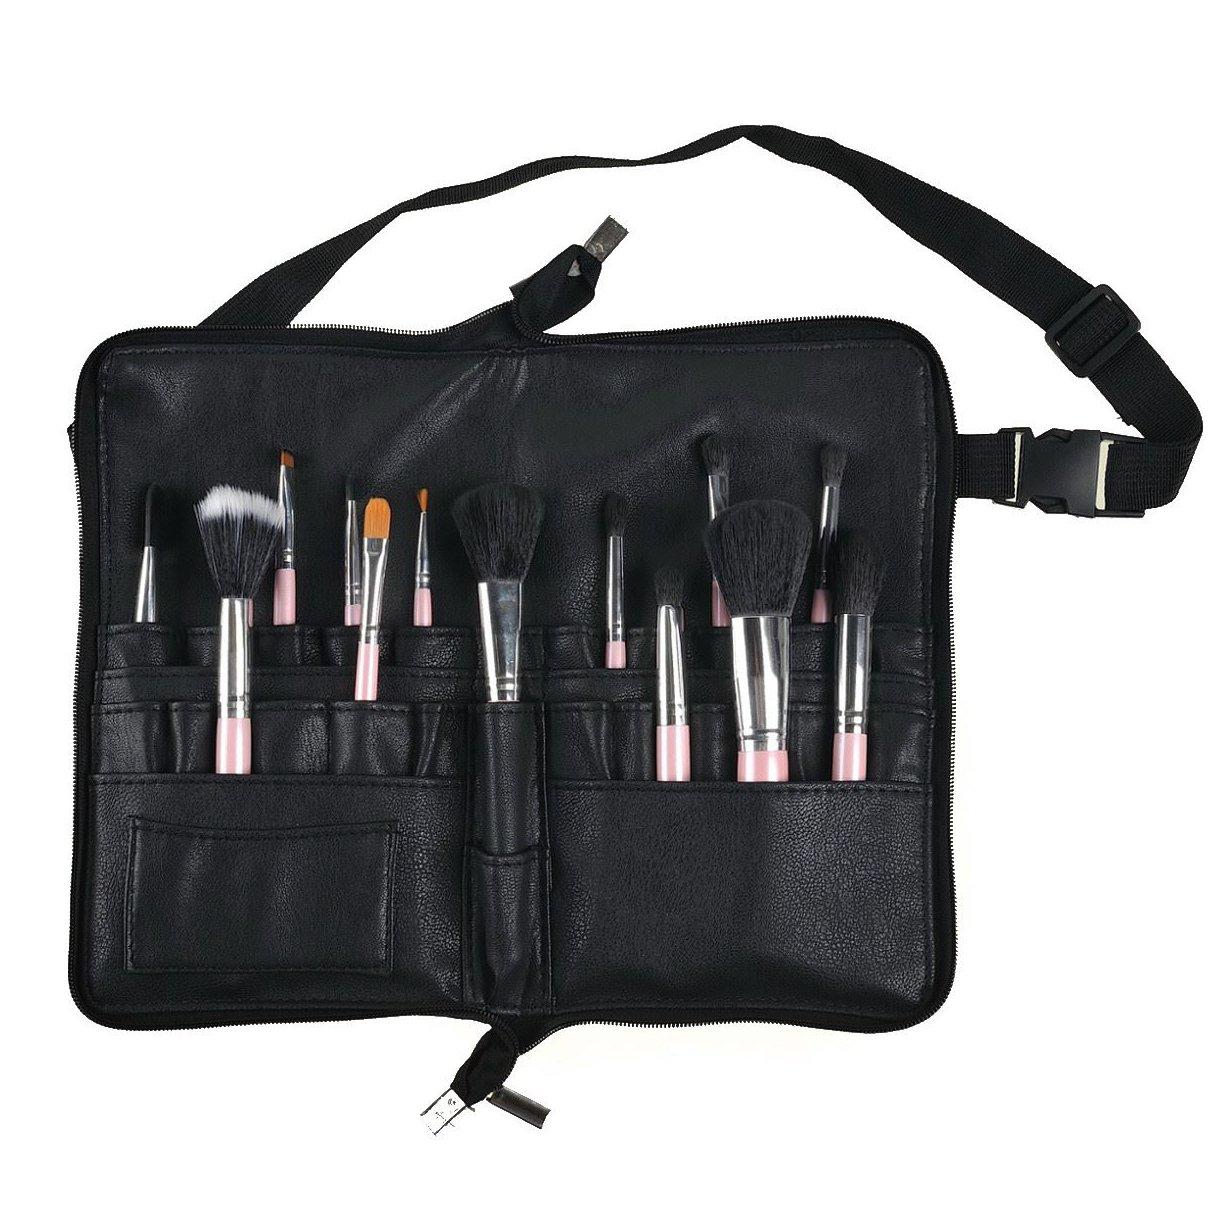 BestFire Borsa per spazzole per trucco professionale Borsa per portatile con 22 tasche Porta pennelli per cosmetici con cinturino in pelle per artista (spazzole non incluse)